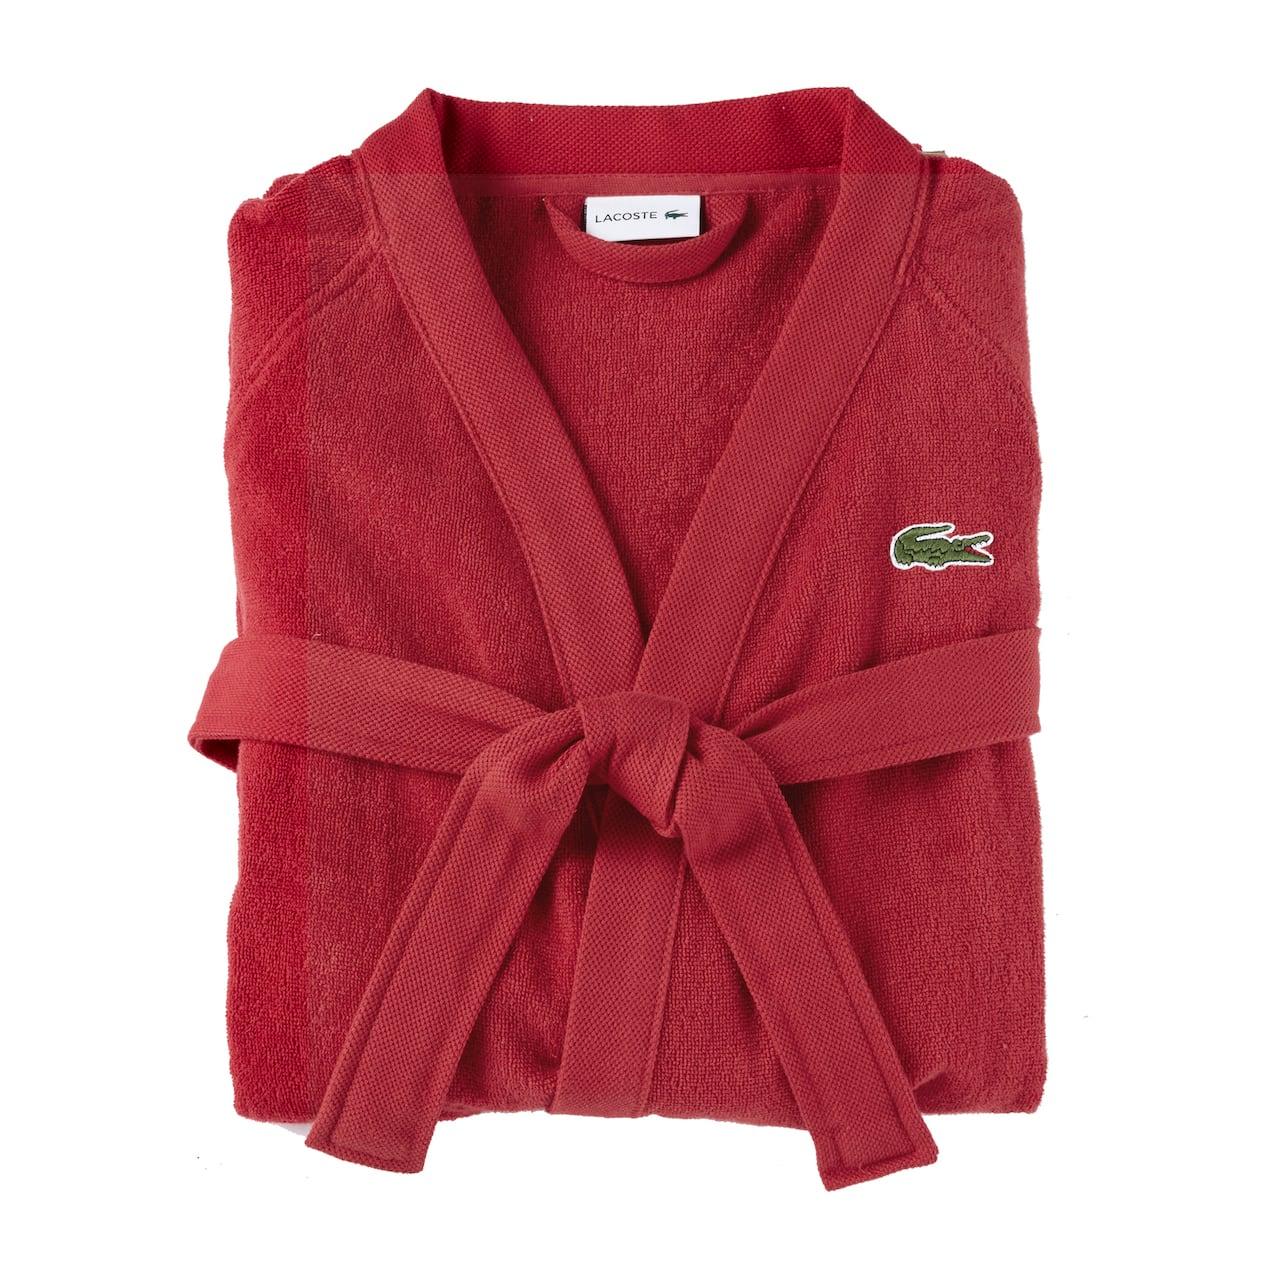 Classic Pique Bath Robe